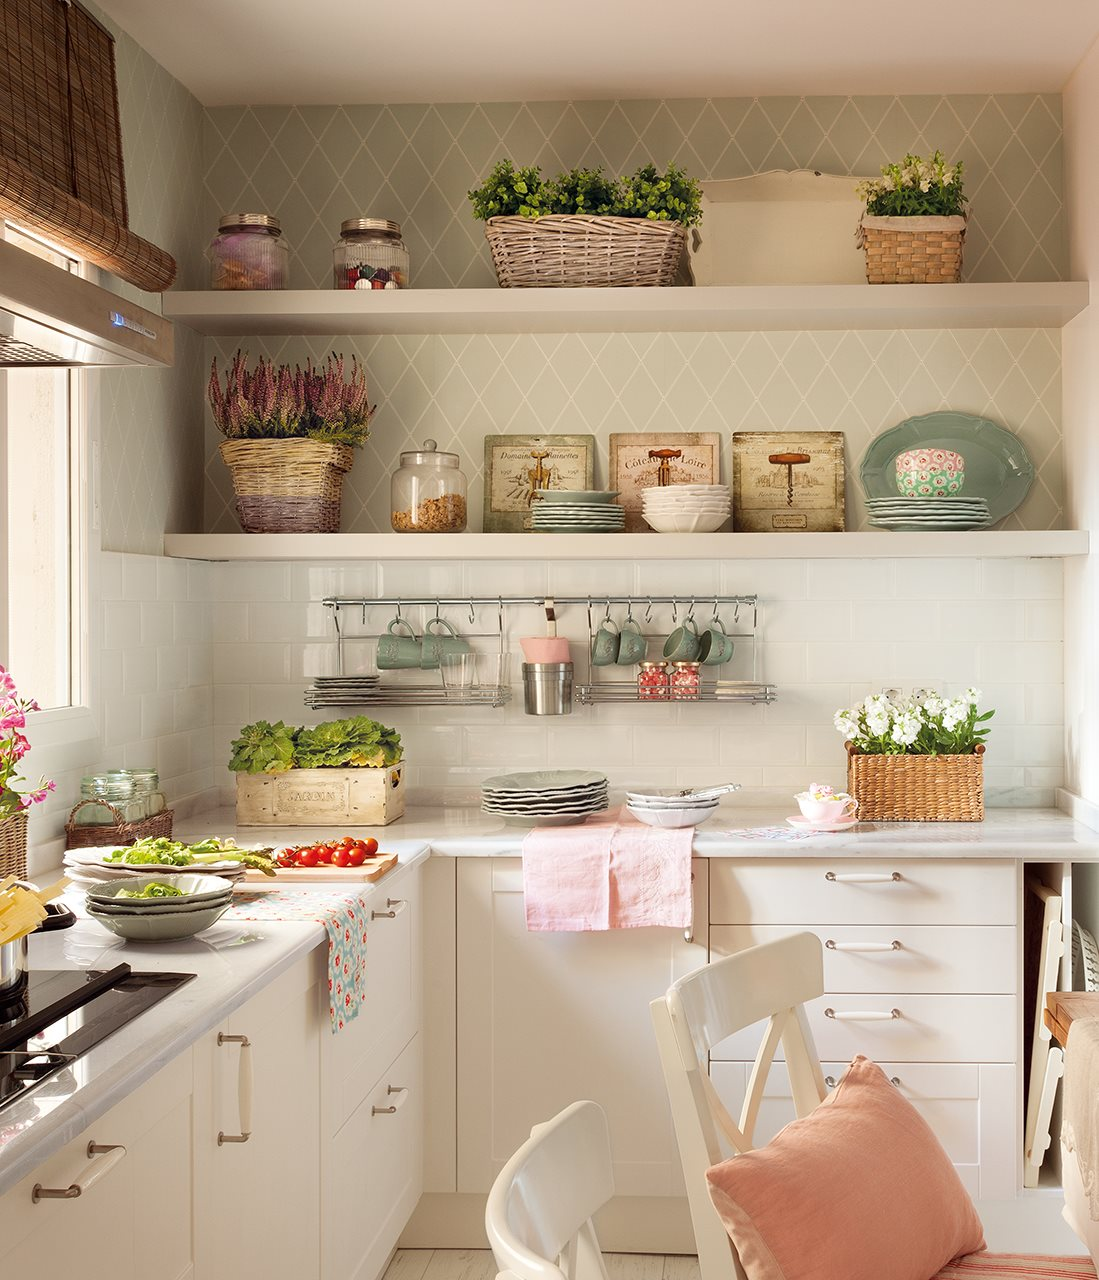 Trucos para organizar la cocina for Estantes para cocina pequena